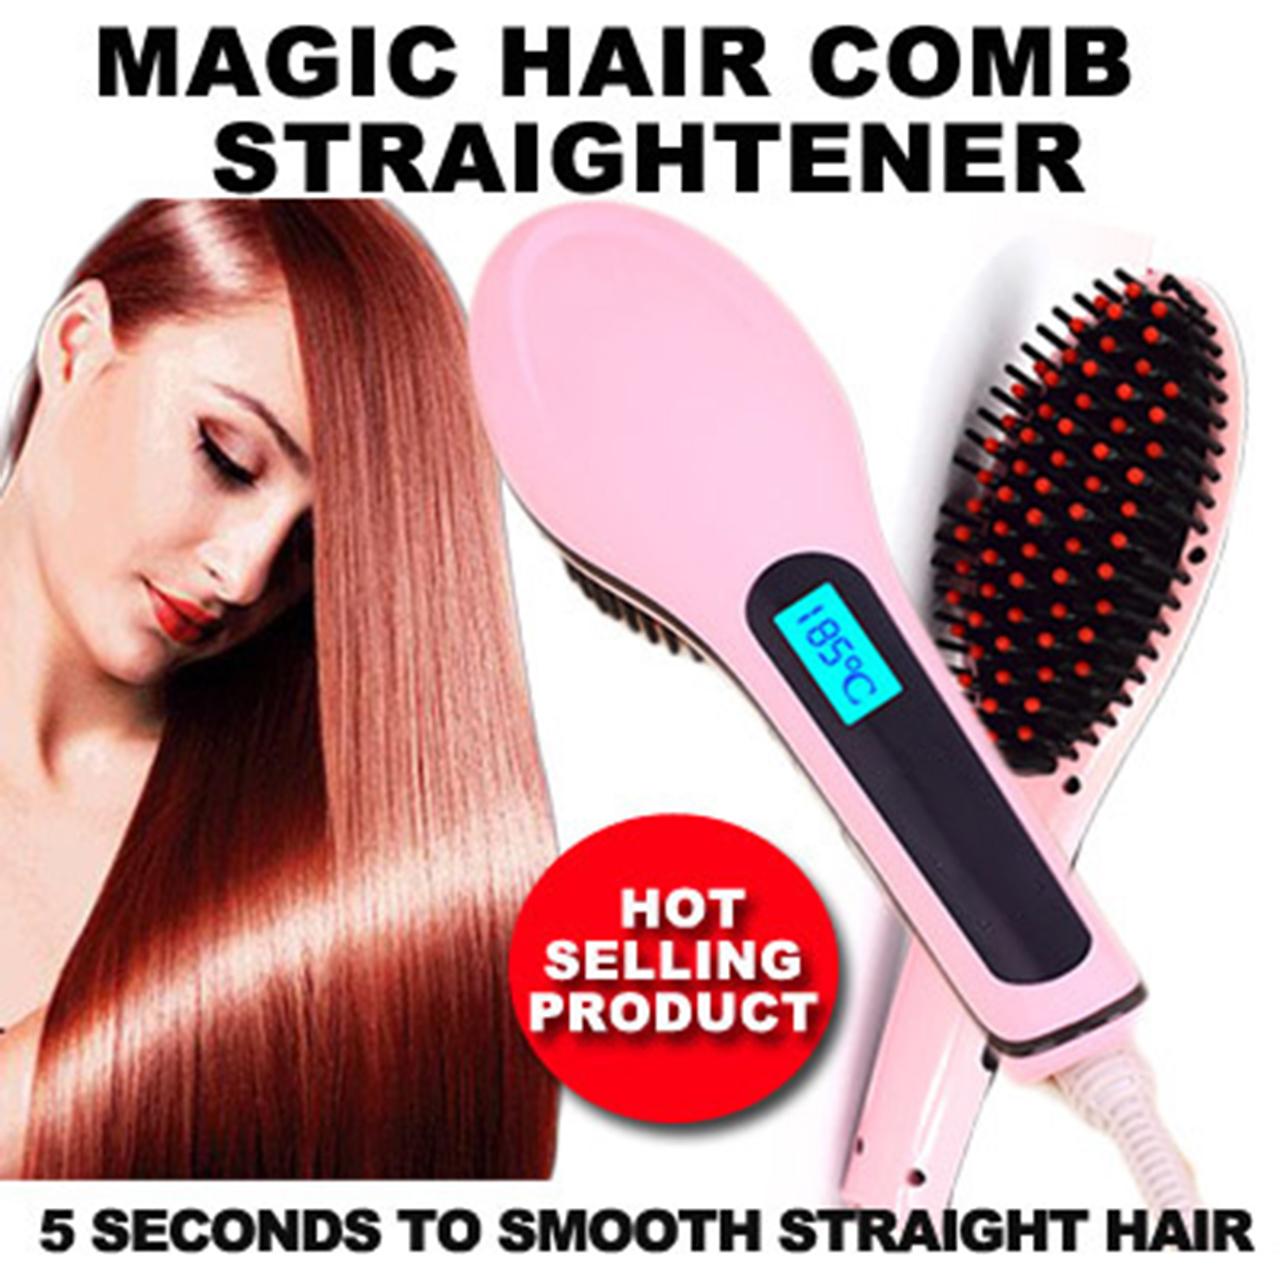 หวีผมตรงไฟฟ้า Beautiful Star Magic Hair Comb Straightener